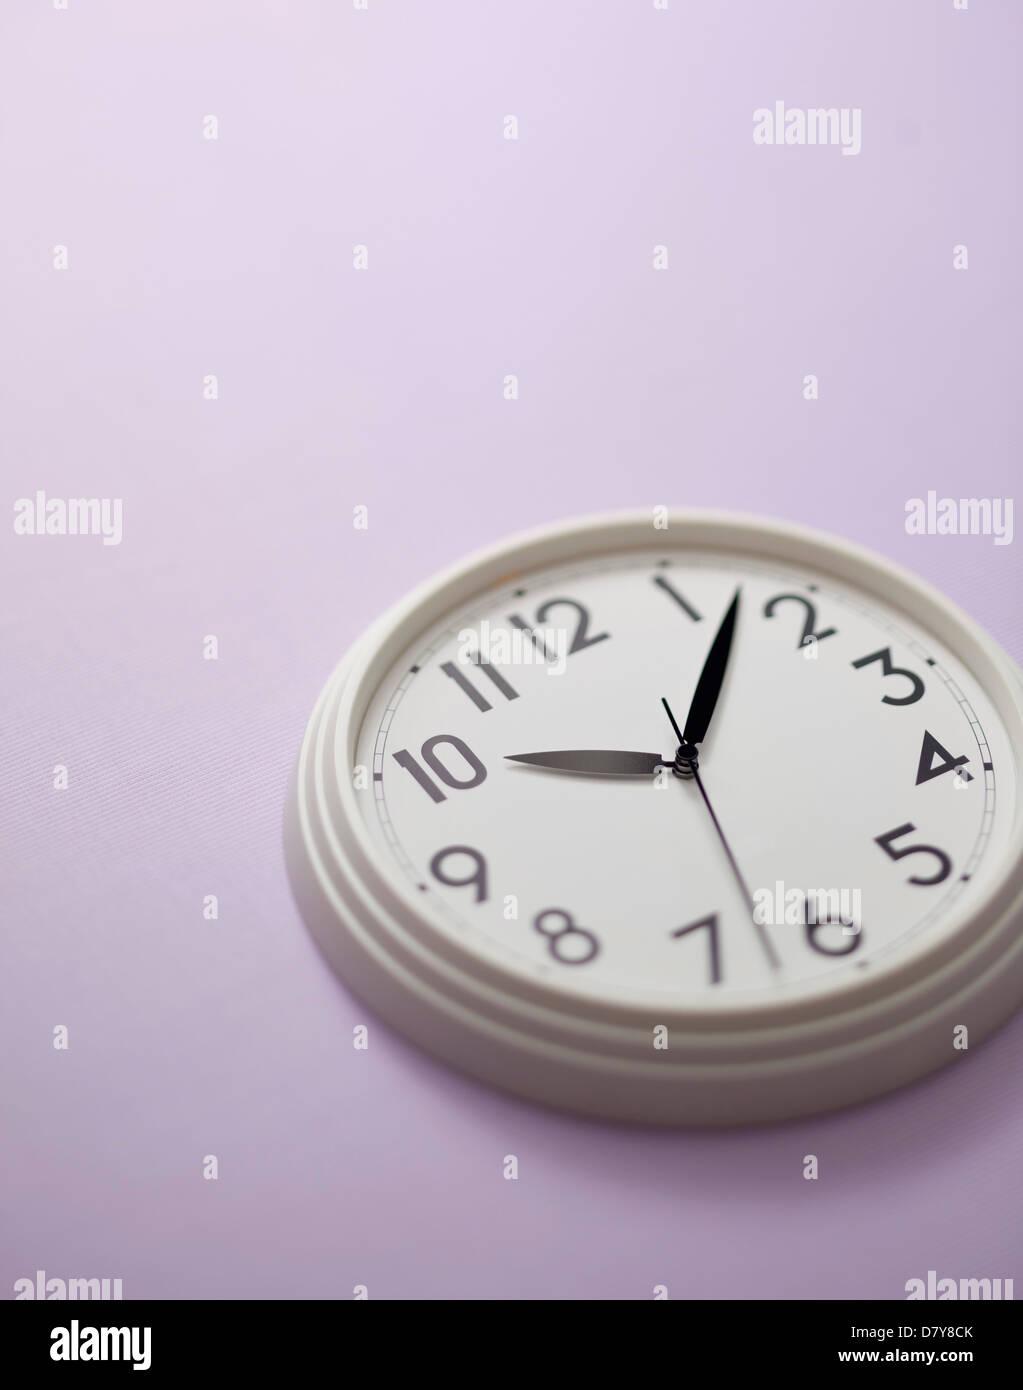 Une petite horloge murale sur un mur violet clair. Photo Stock